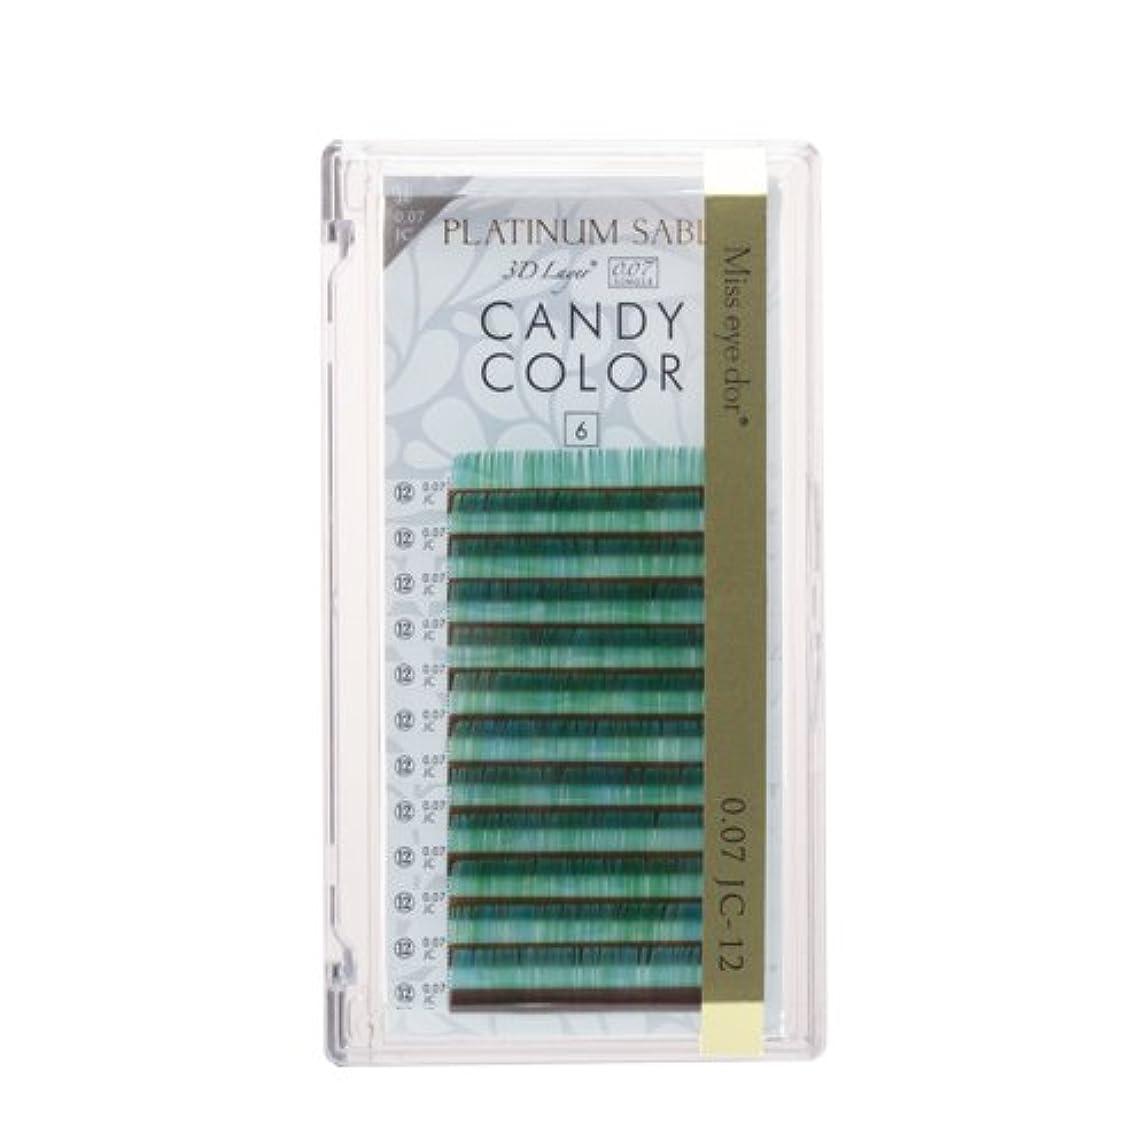 嫌な教室顔料プラチナセーブルキャンディカラー0.07mmJCカール10mmグリーン